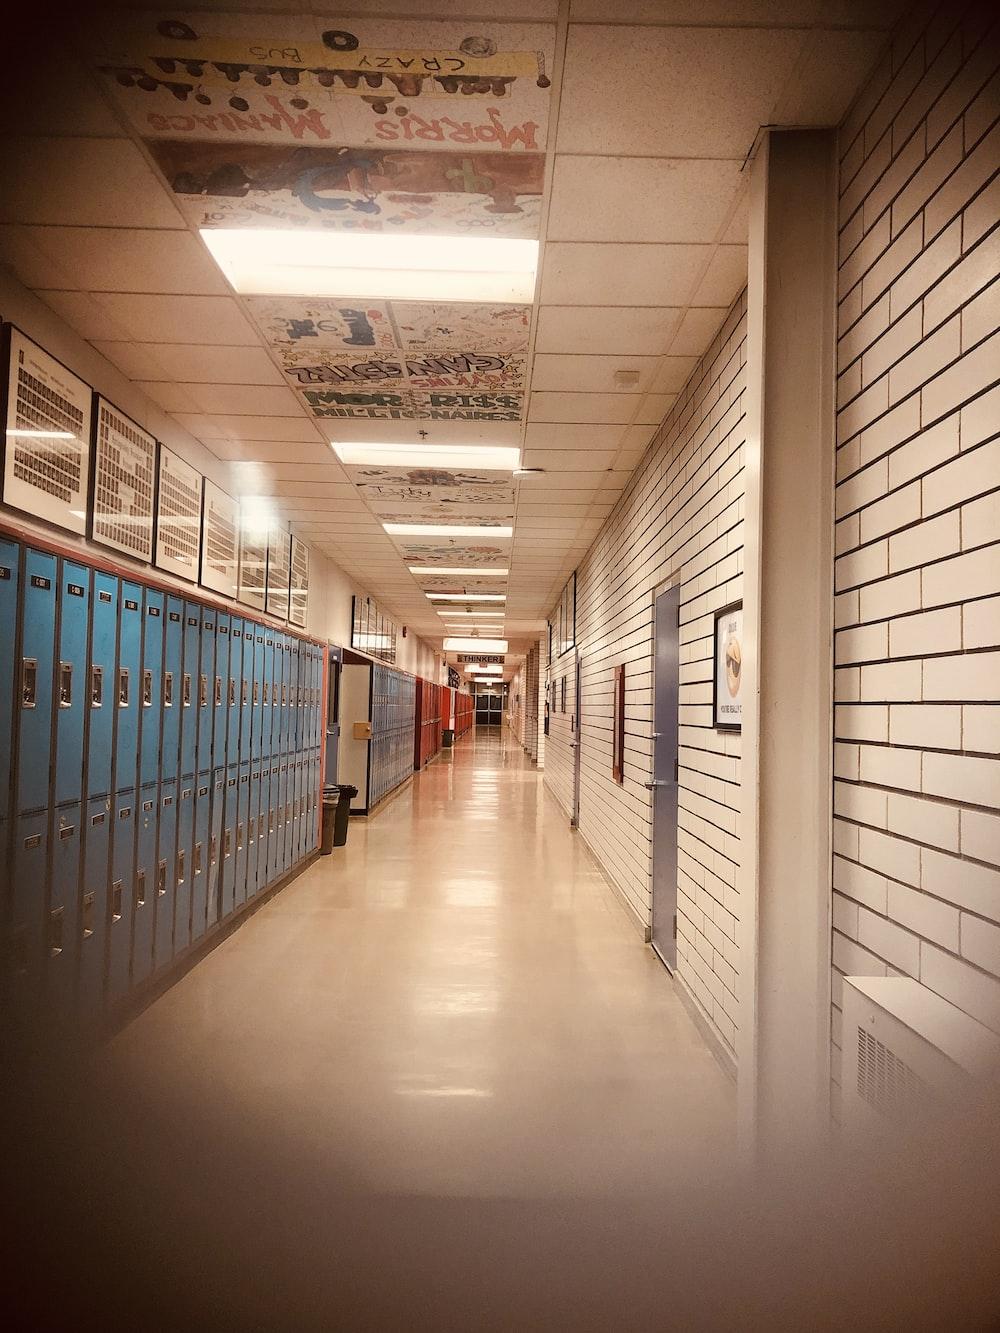 blue lockers in school